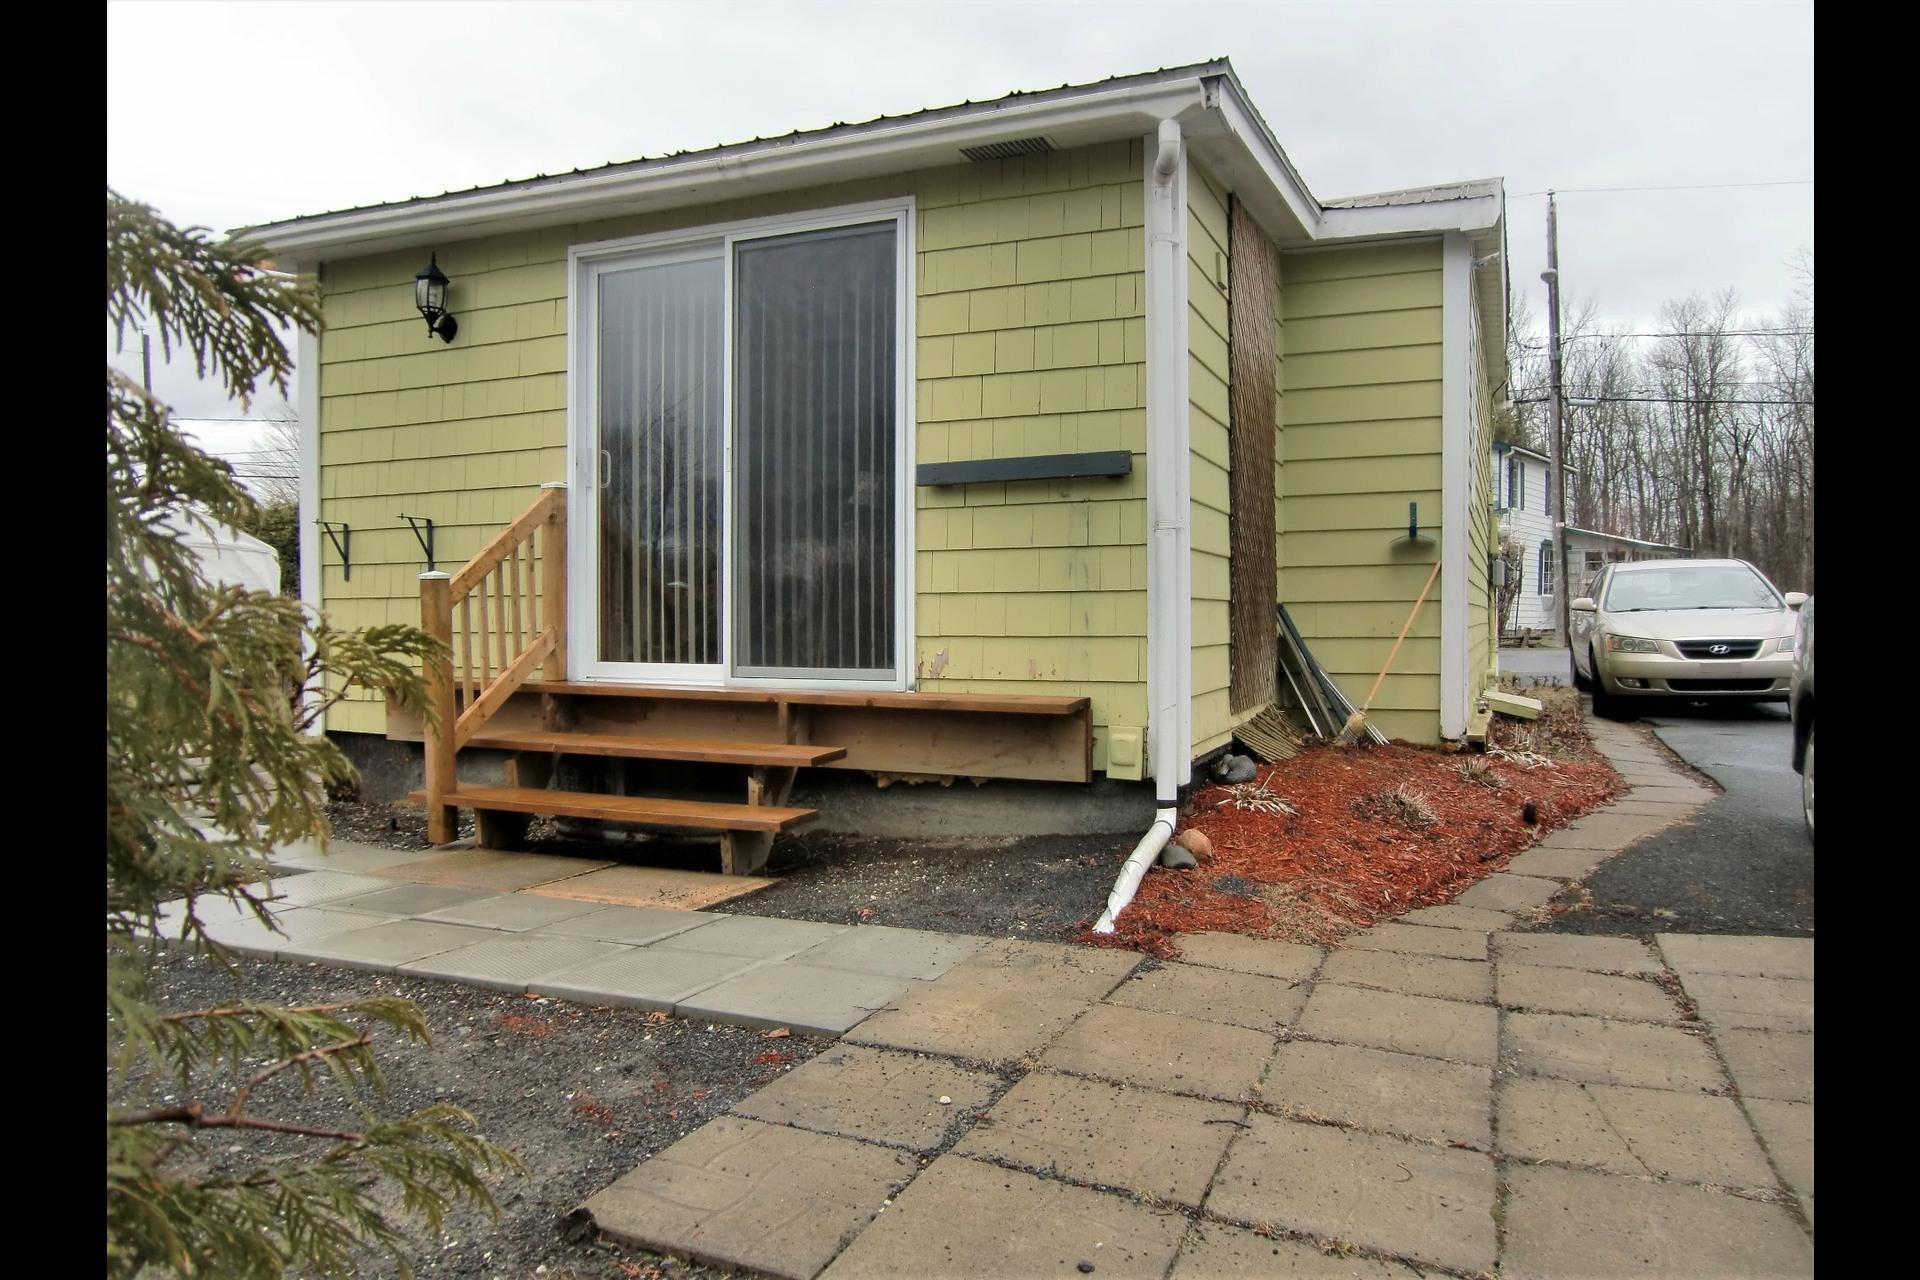 image 12 - Maison À vendre Bedford - Ville - 6 pièces